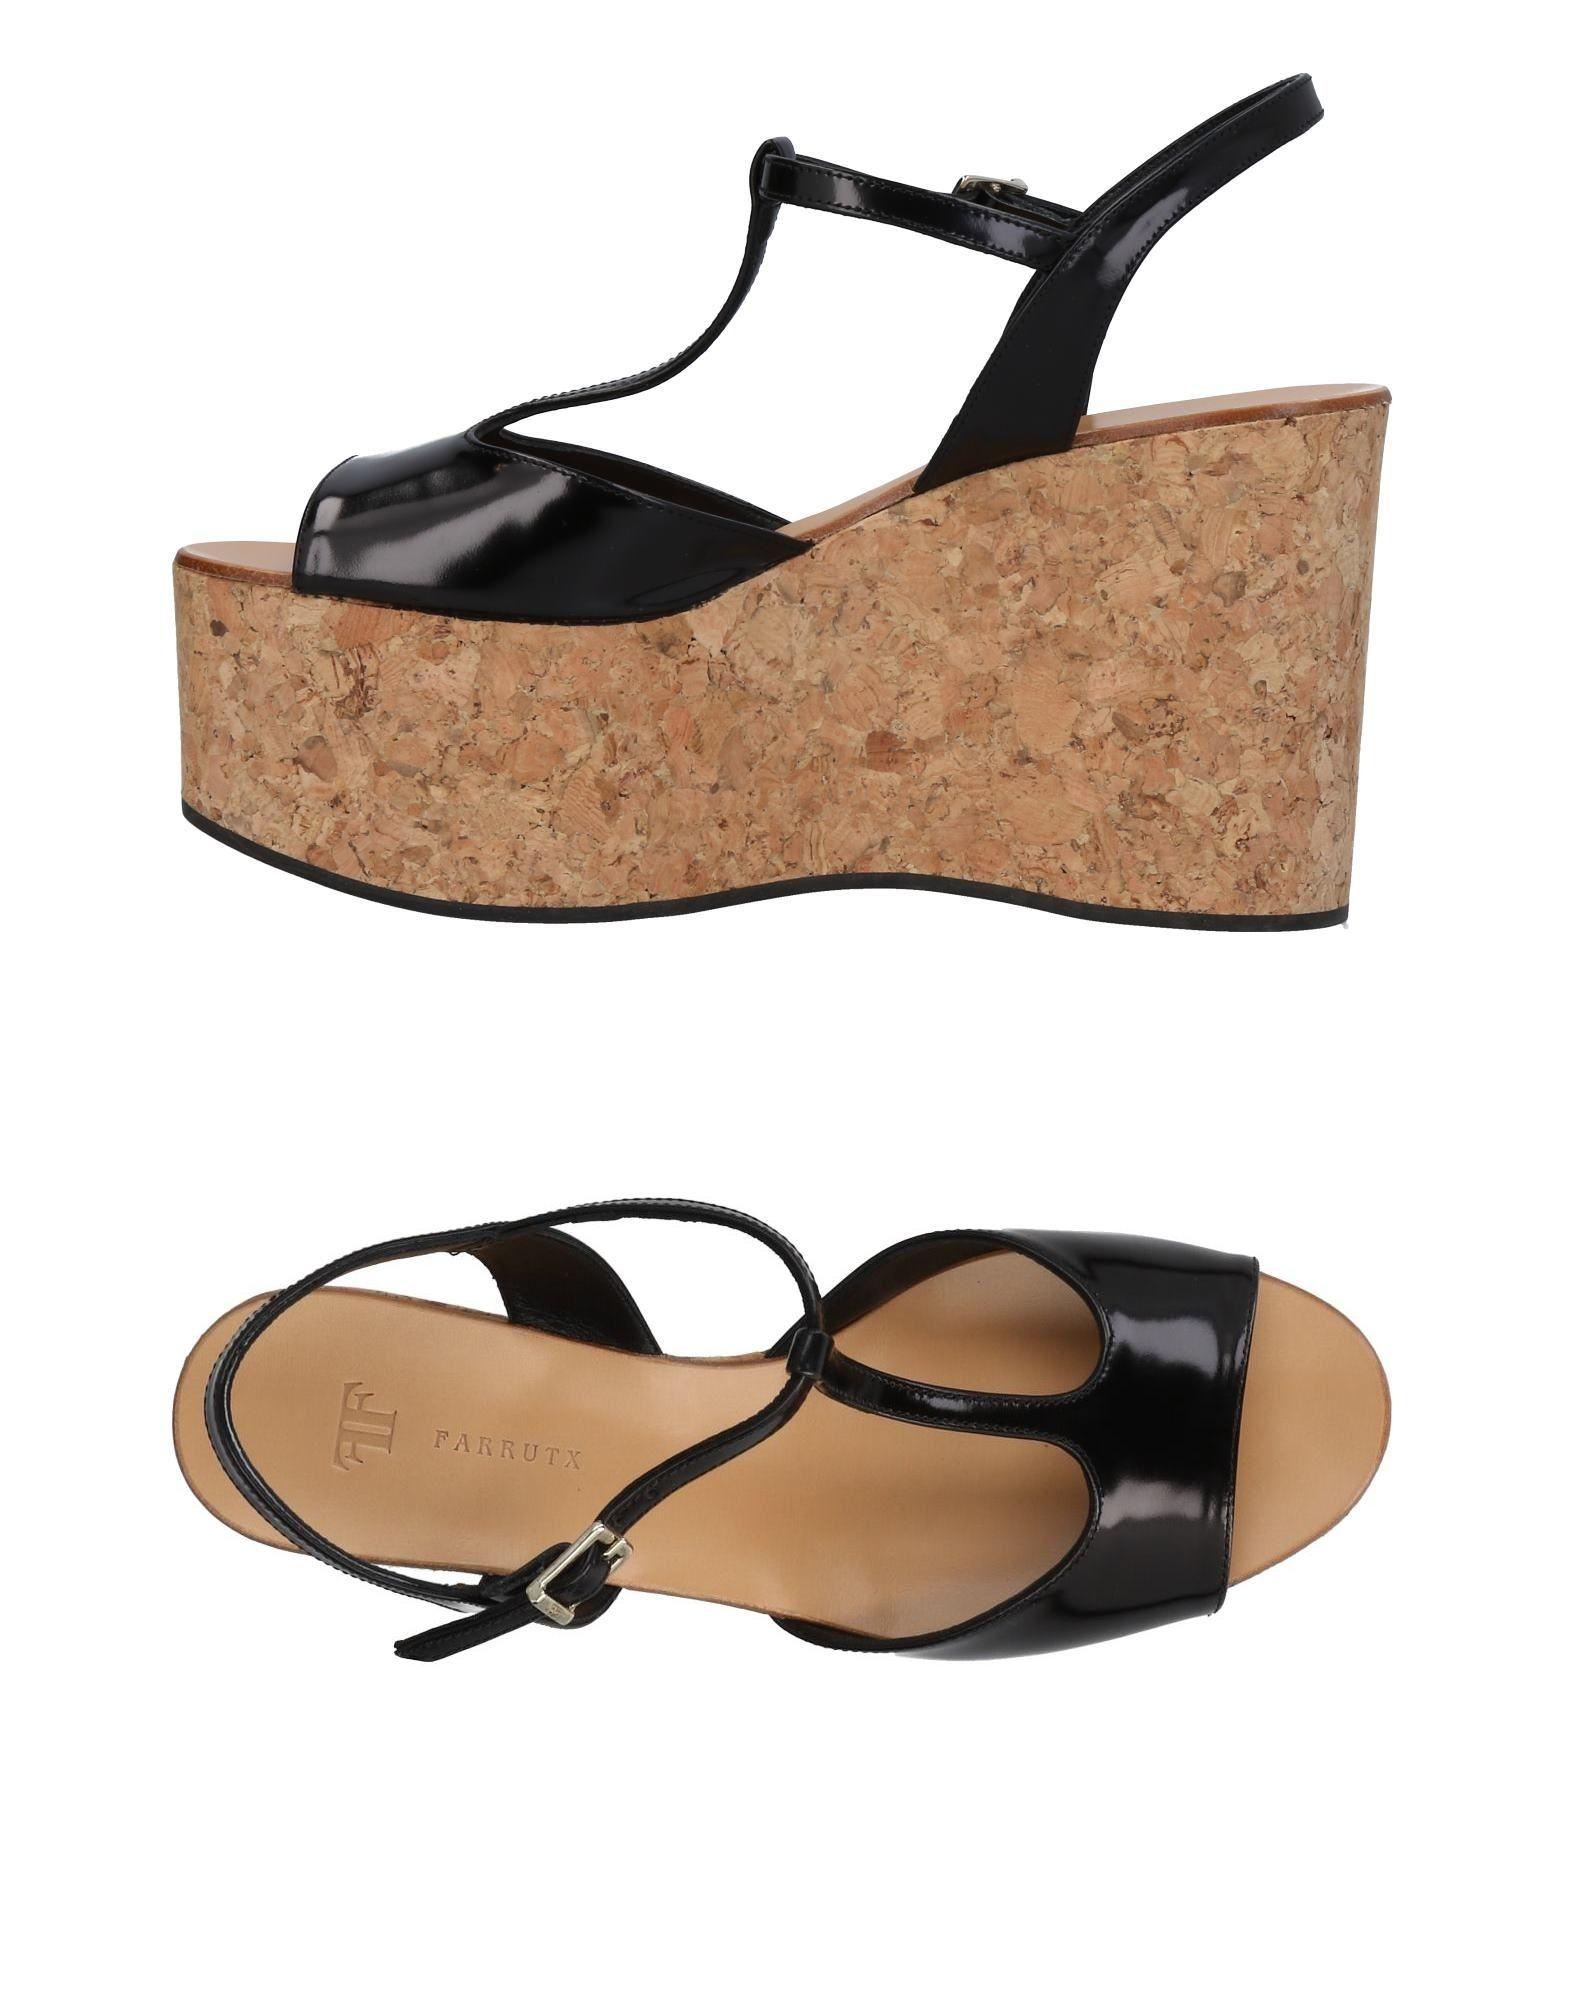 Farrutx Sandalen Damen  11441562TG Gute Qualität beliebte Schuhe